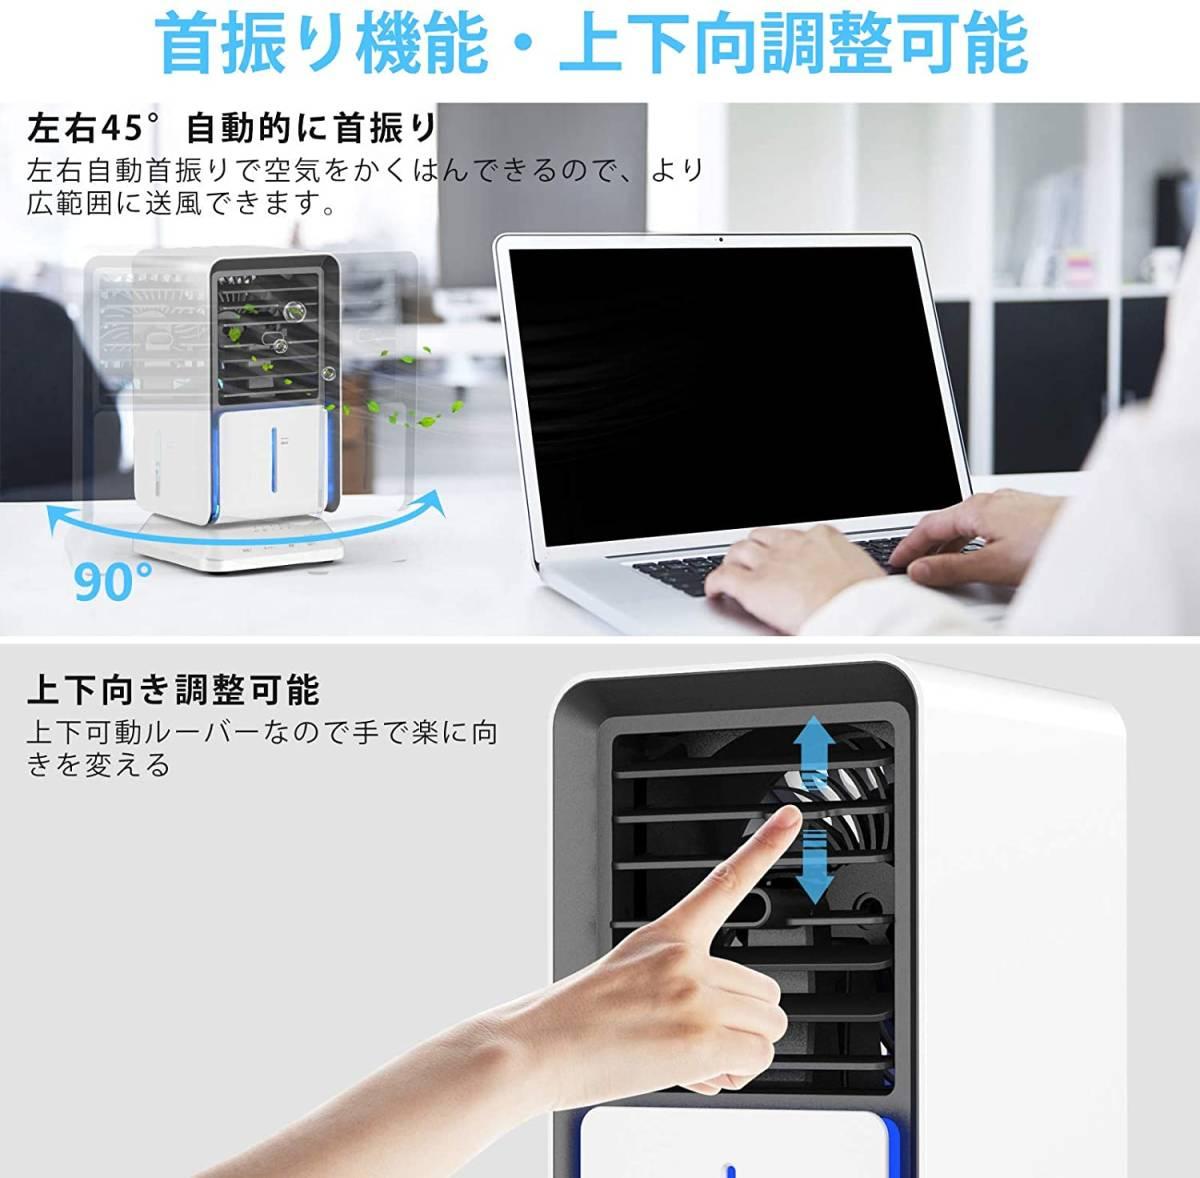 2021年最新版 冷風機 冷風扇 小型 4in1 自動首振り ミスト 加湿 空気清浄機能 3段階切替 タイマー ライト付き 角度調整 日本語説明書_画像3